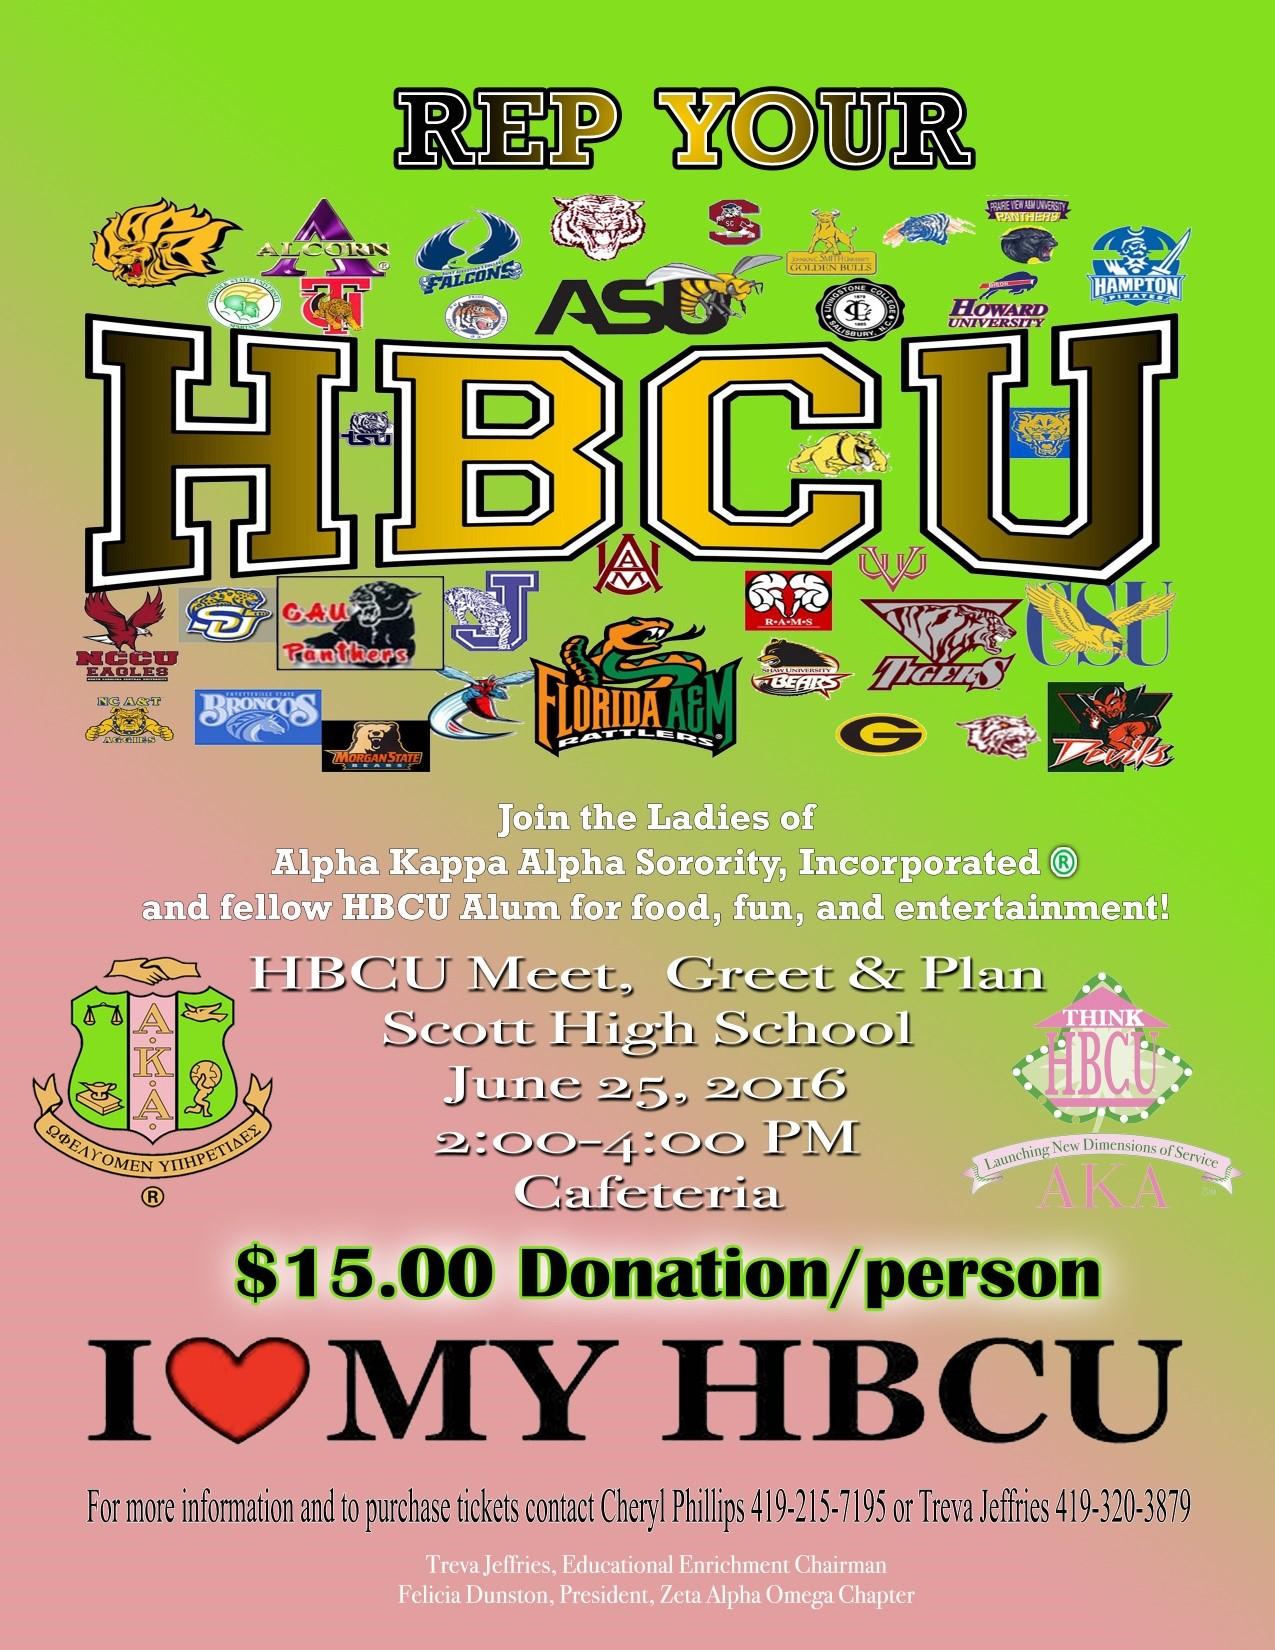 Support HBCUs